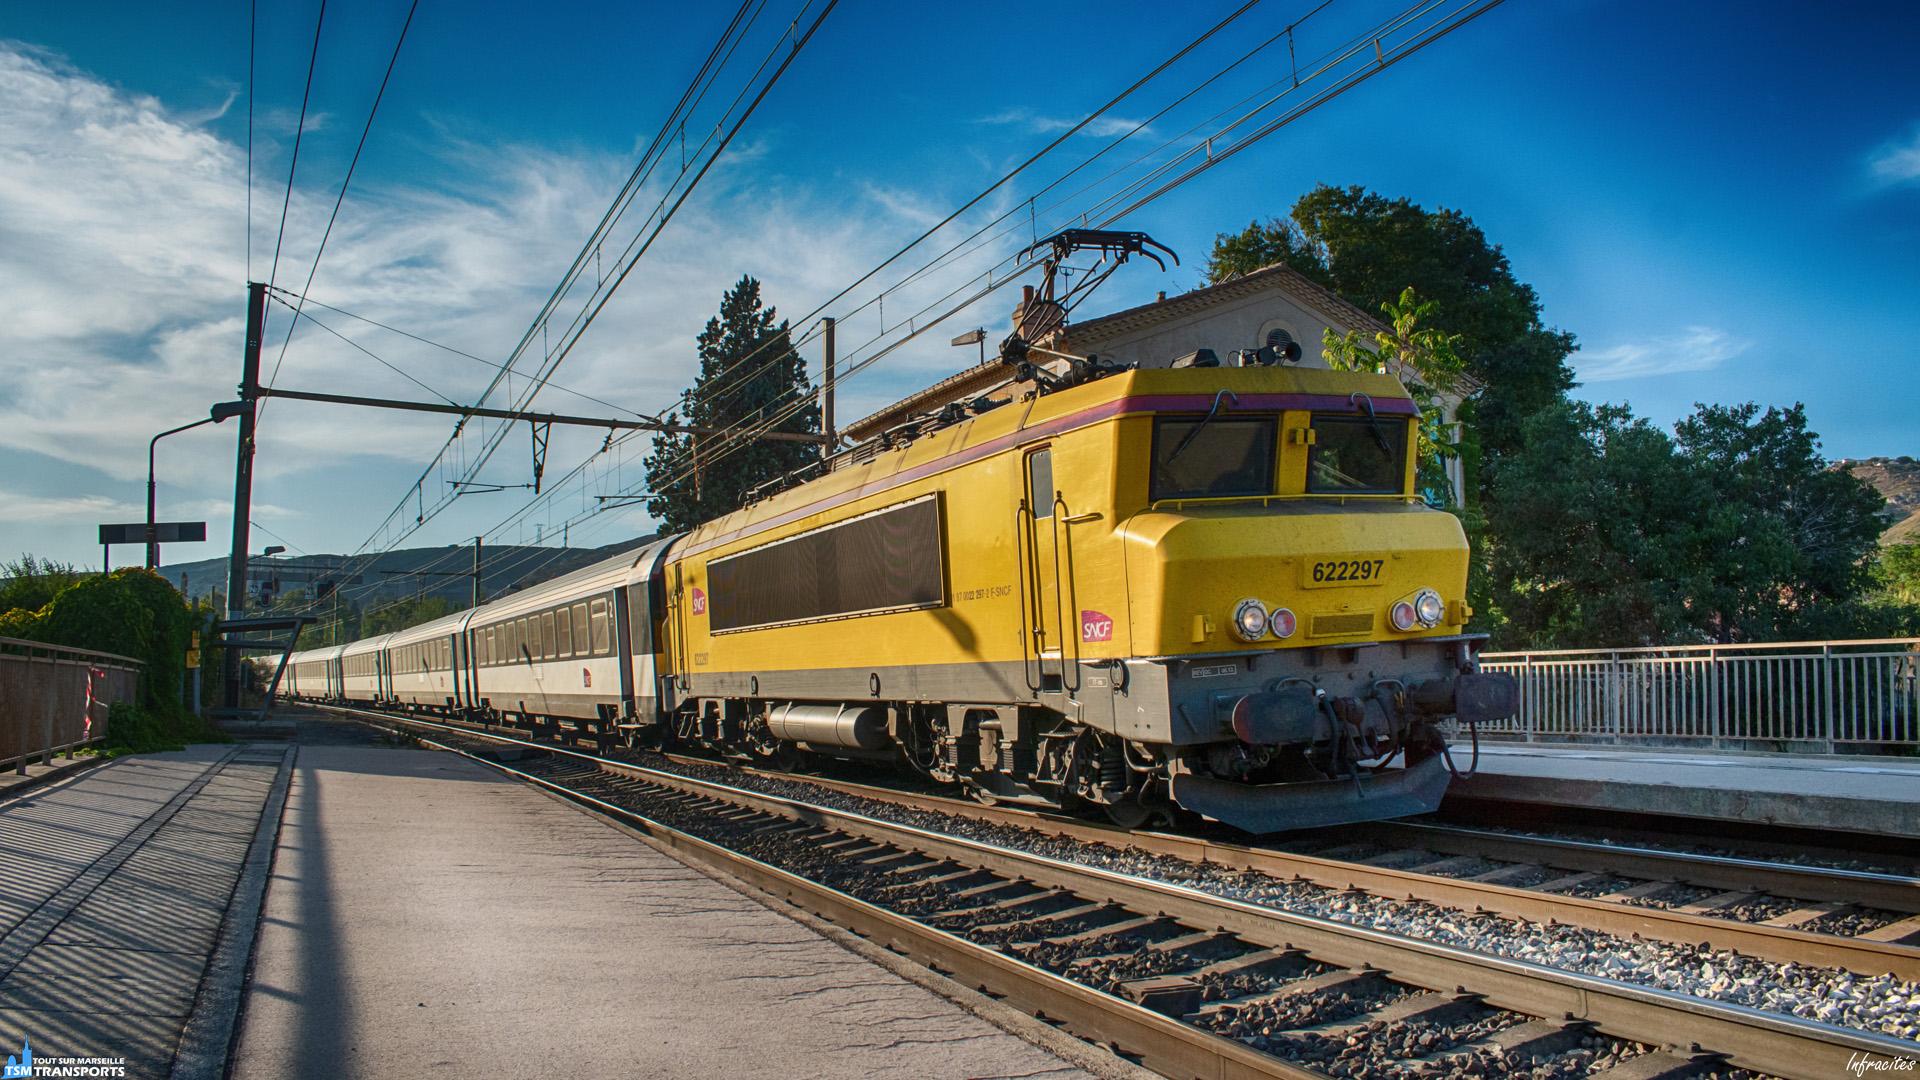 Gare désaffectée de Seon Saint Henri, à la frontière entre le quartier du même nom et Saint André, sur la prestigieuse ligne de la PLM, un Intercités particulier passe sur les quais déserts. . En effet rare, mais pas trop, il arrive que quelques BB22200 infra tirent des Intercités pour le compte du service voyageurs, comme ici où la BB22297 amène le 4661 à la Gare de Marseille Saint Charles. . ℹ️ Alsthom BB22200 (BB22297) SNCF Infra. . 📍 Gare de Séon Saint Henri, Chemin du Passet, 16eme arrondissement de Marseille. . ↔️ Intercités 4661 : Bordeaux Saint Jean - Marseille Saint Charles. . 📸 Nikon D5600. . 📷 Nikkor 18-55mm. . 📅 3 Septembre 2019 à 18:50.